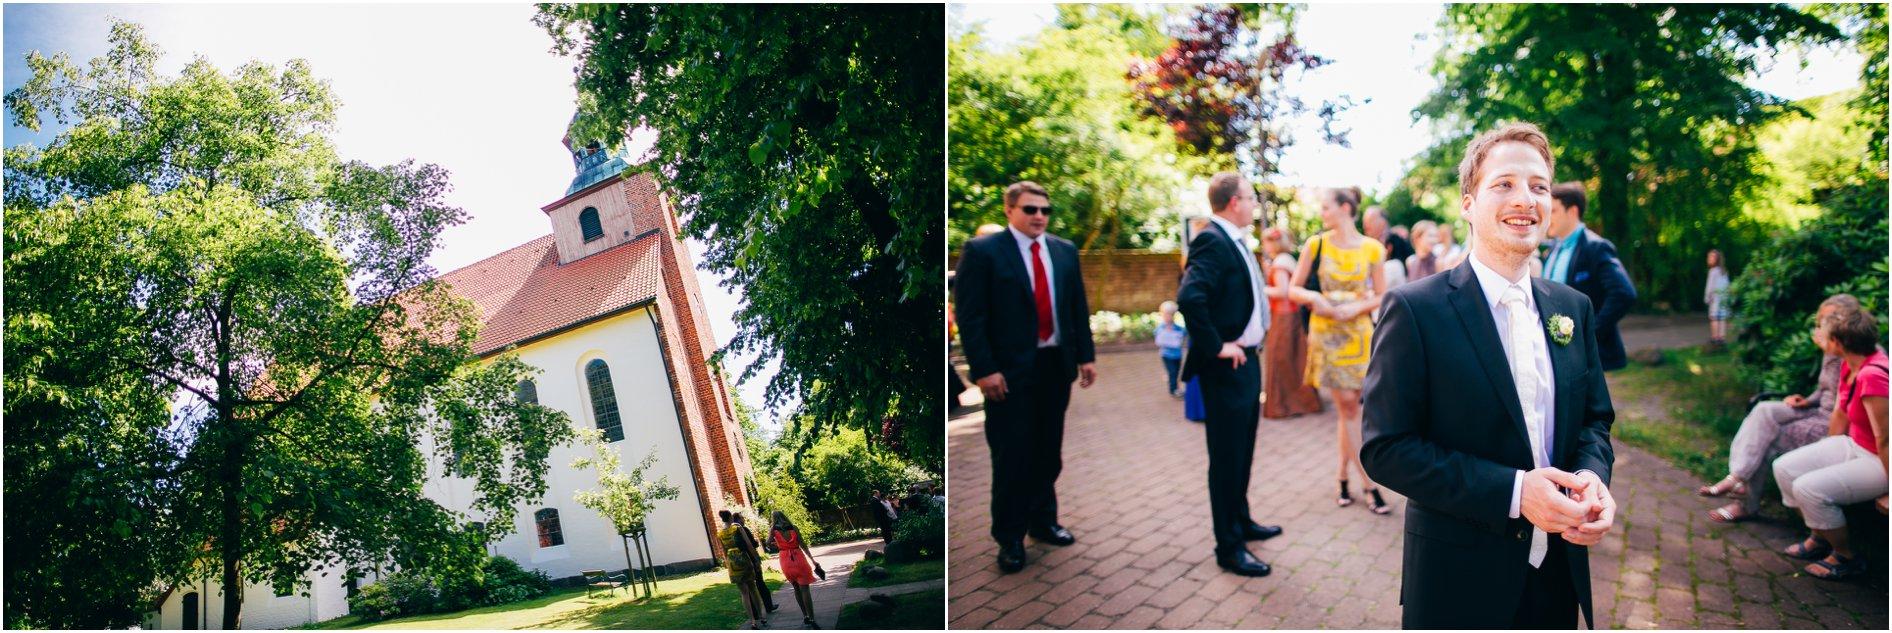 2014-08-07_0033 Wiebke und Marcio - Hochzeitsfotograf in Lüneburg